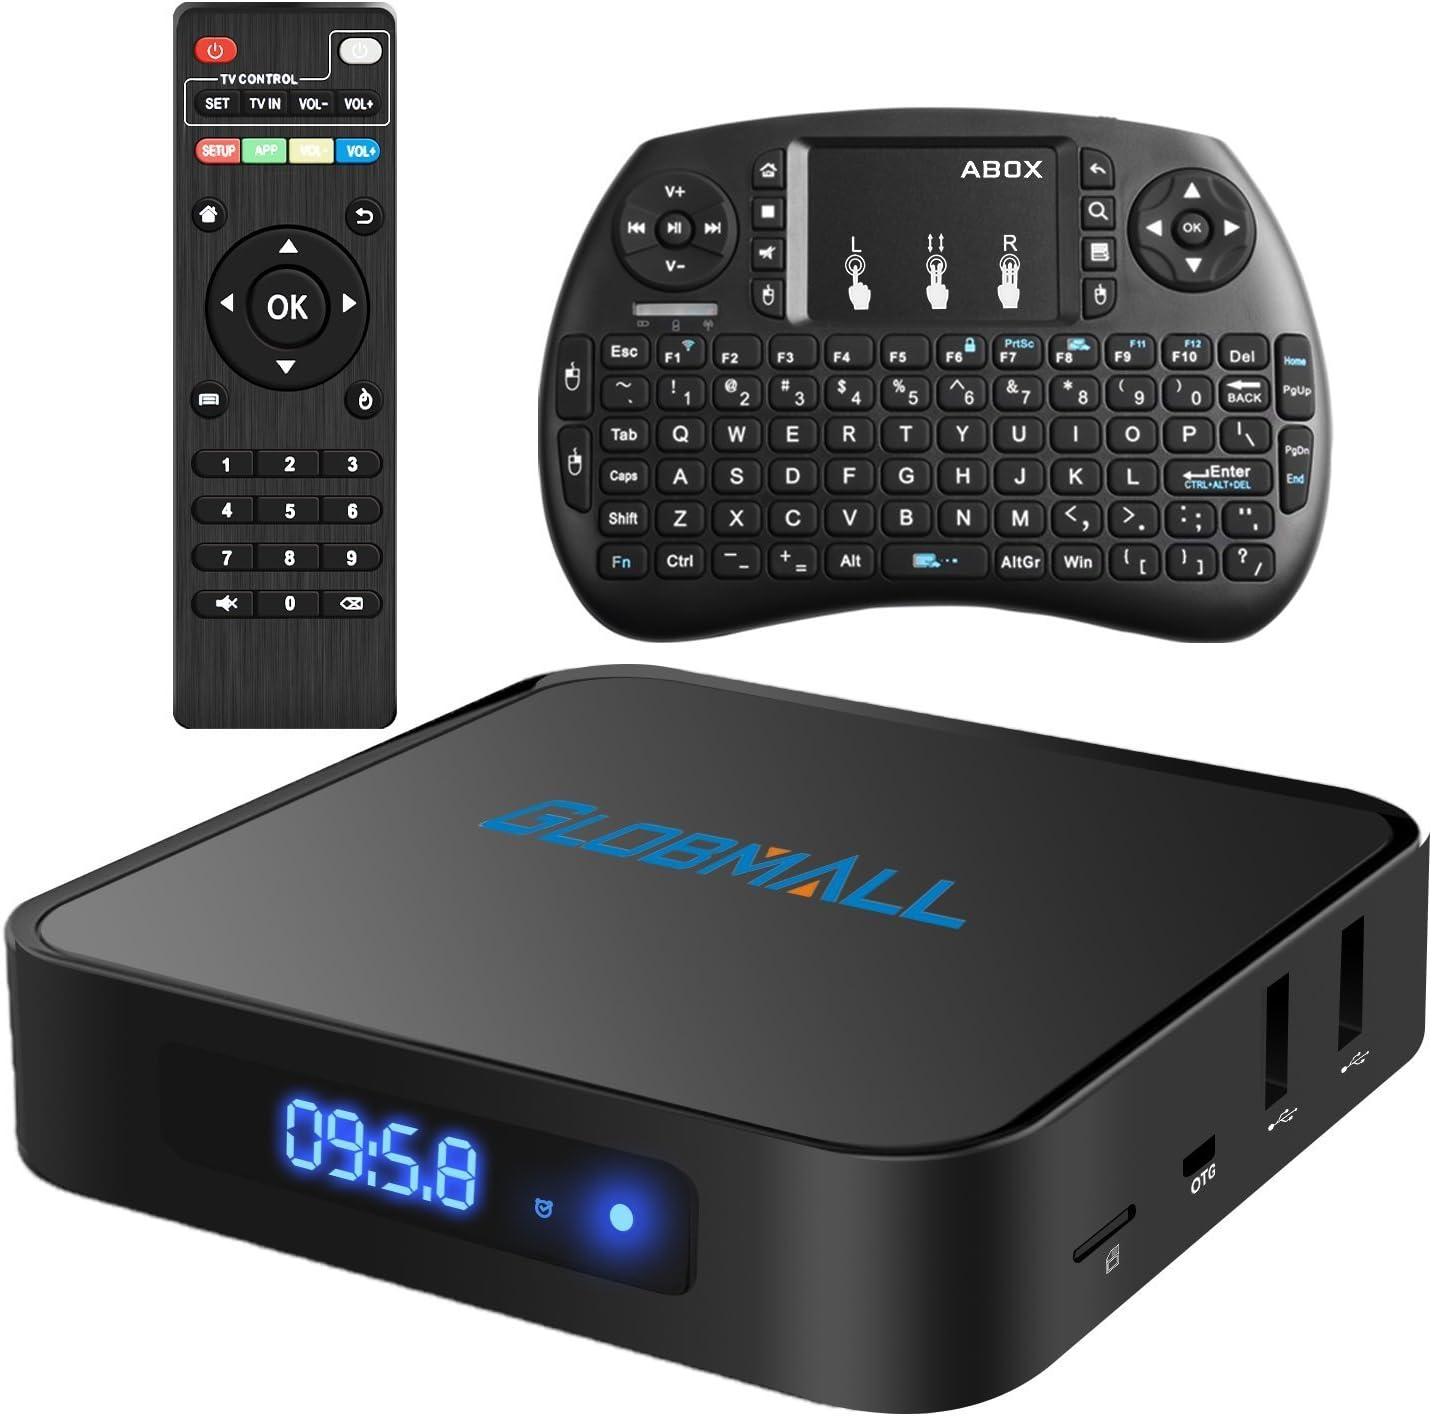 Globmall Android 6.0 TV Box with Mini Tastiera Wireless, 2017 Model X1 4K Android TV Box Supporto Bluetooth 4.0 with Quad Core CPU 64 Bits